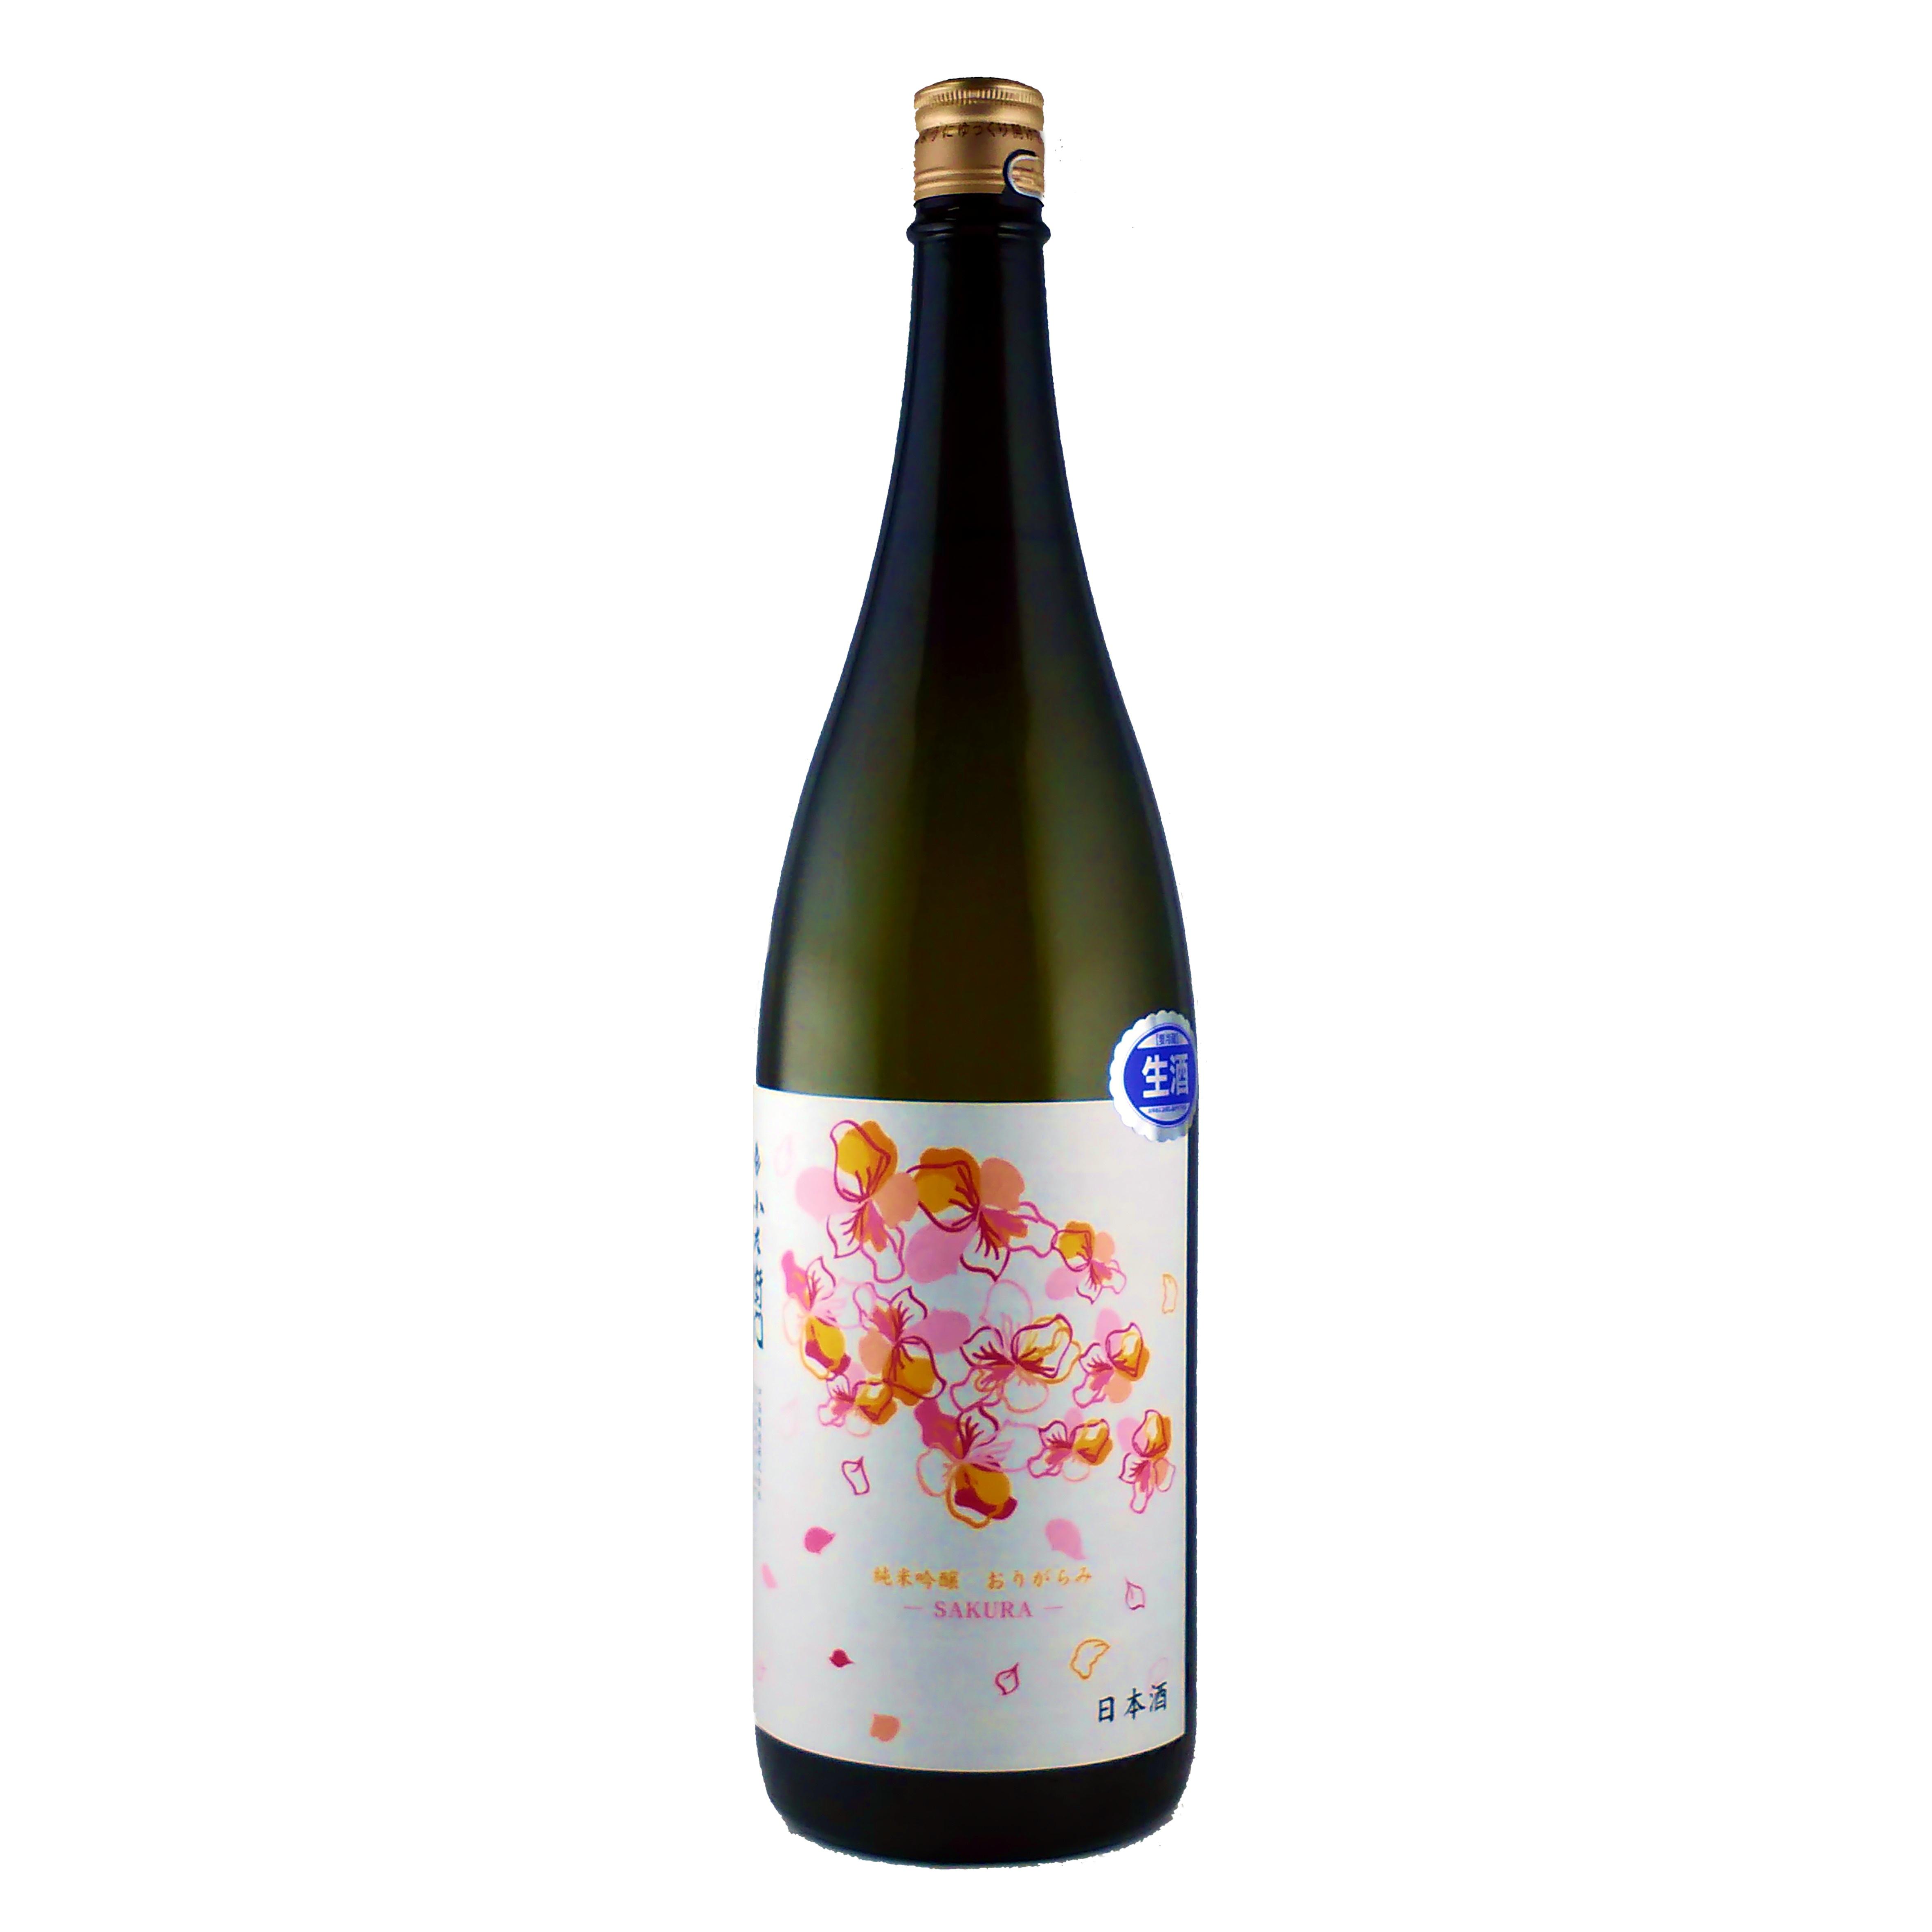 小左衛門 桜ラベル 純米吟醸 オリガラミ 生酒